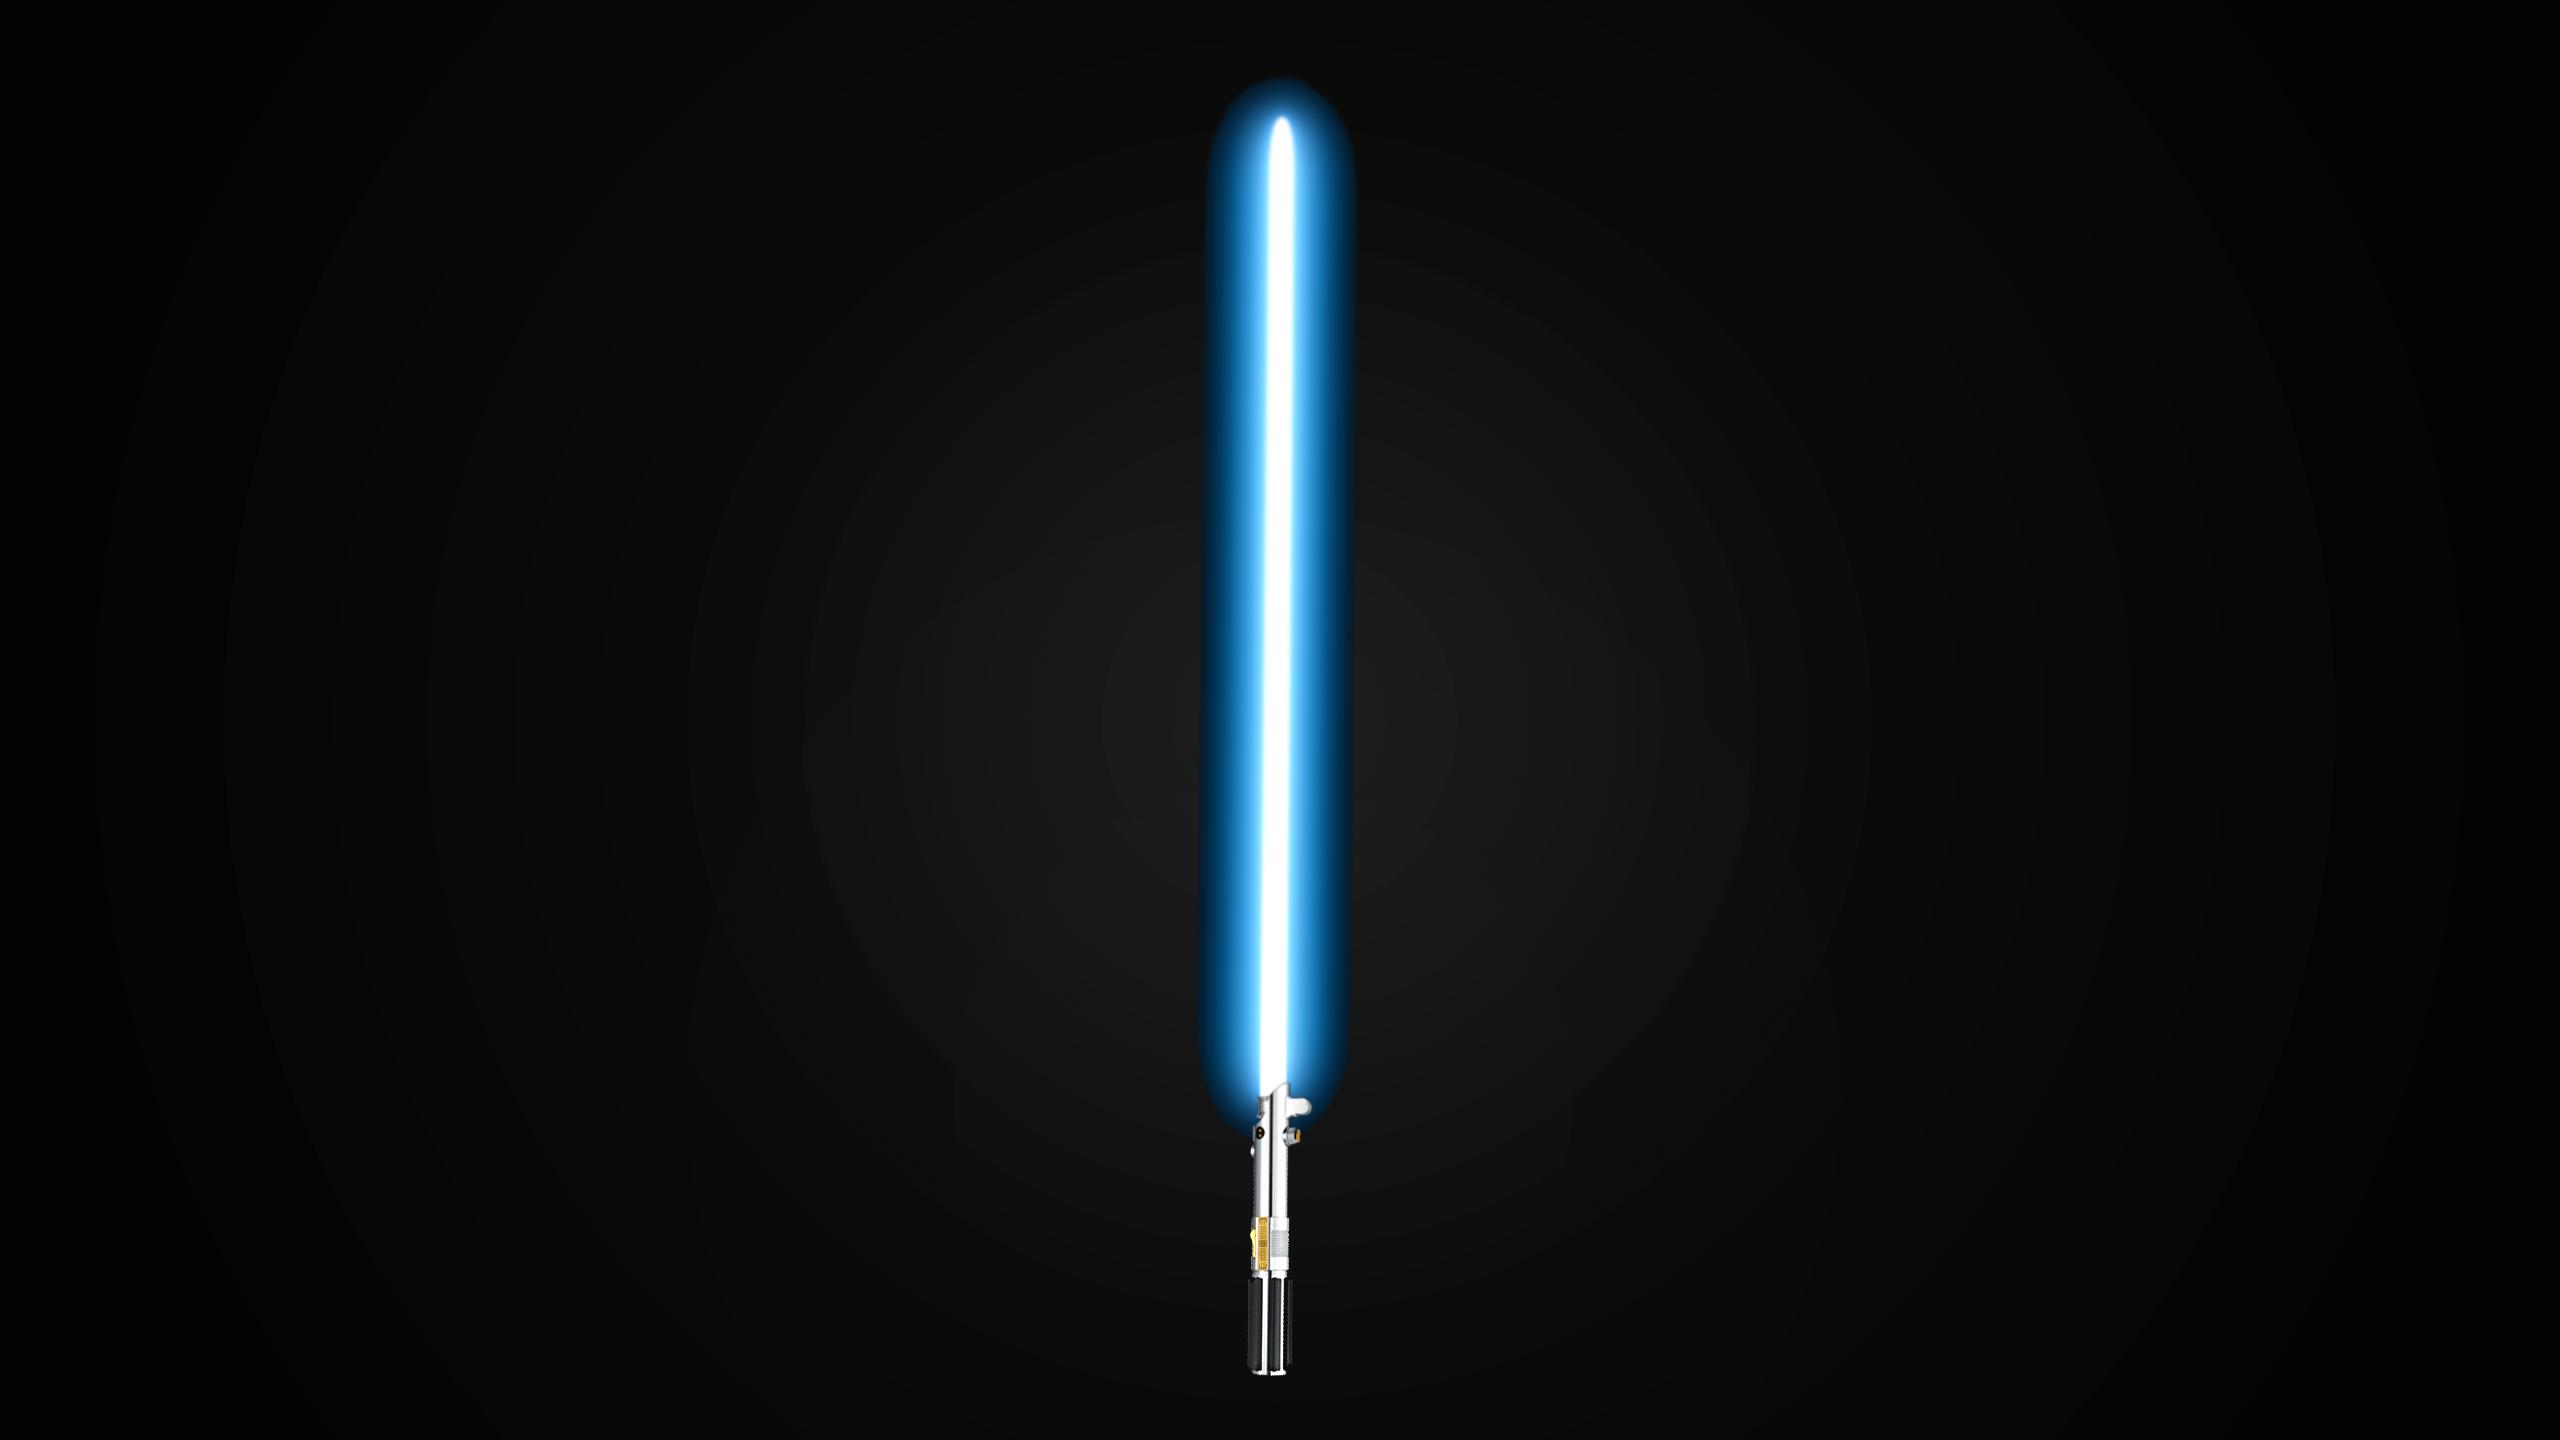 lightsaber star wars minimalistic hd wallpaper 2560x1440 9079 2560x1440